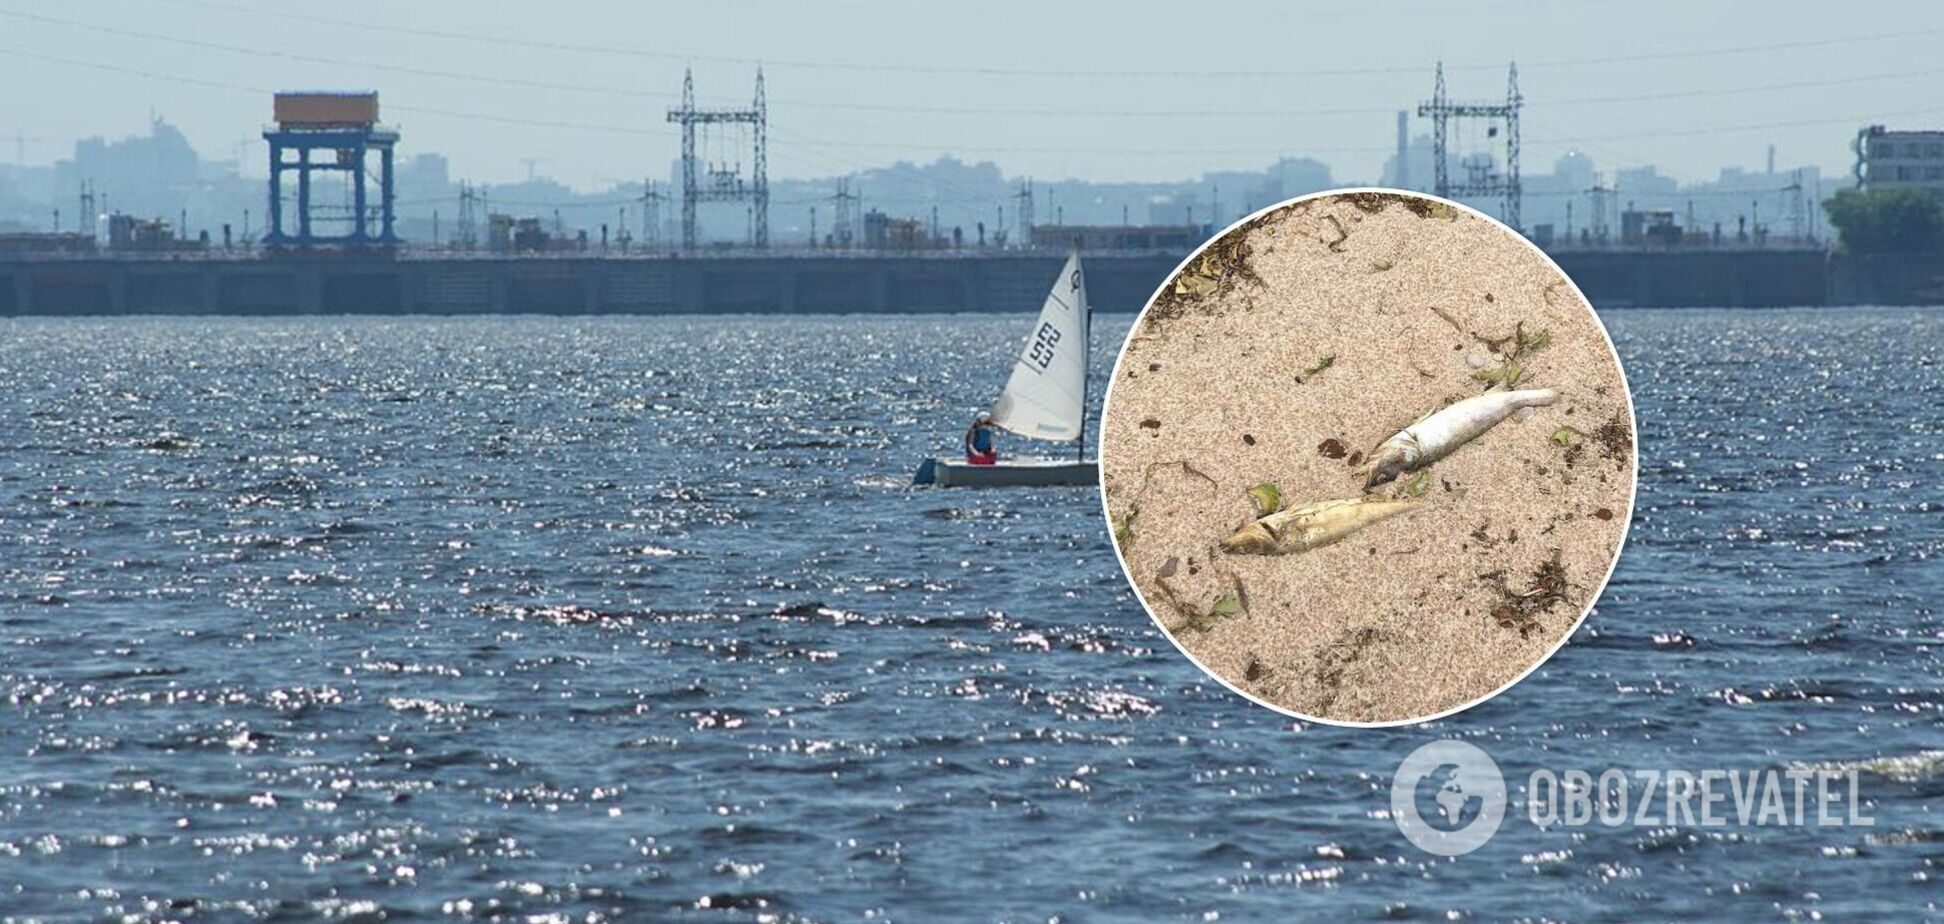 У водосховищі під Києвом зафіксували масову загибель риби. Фото